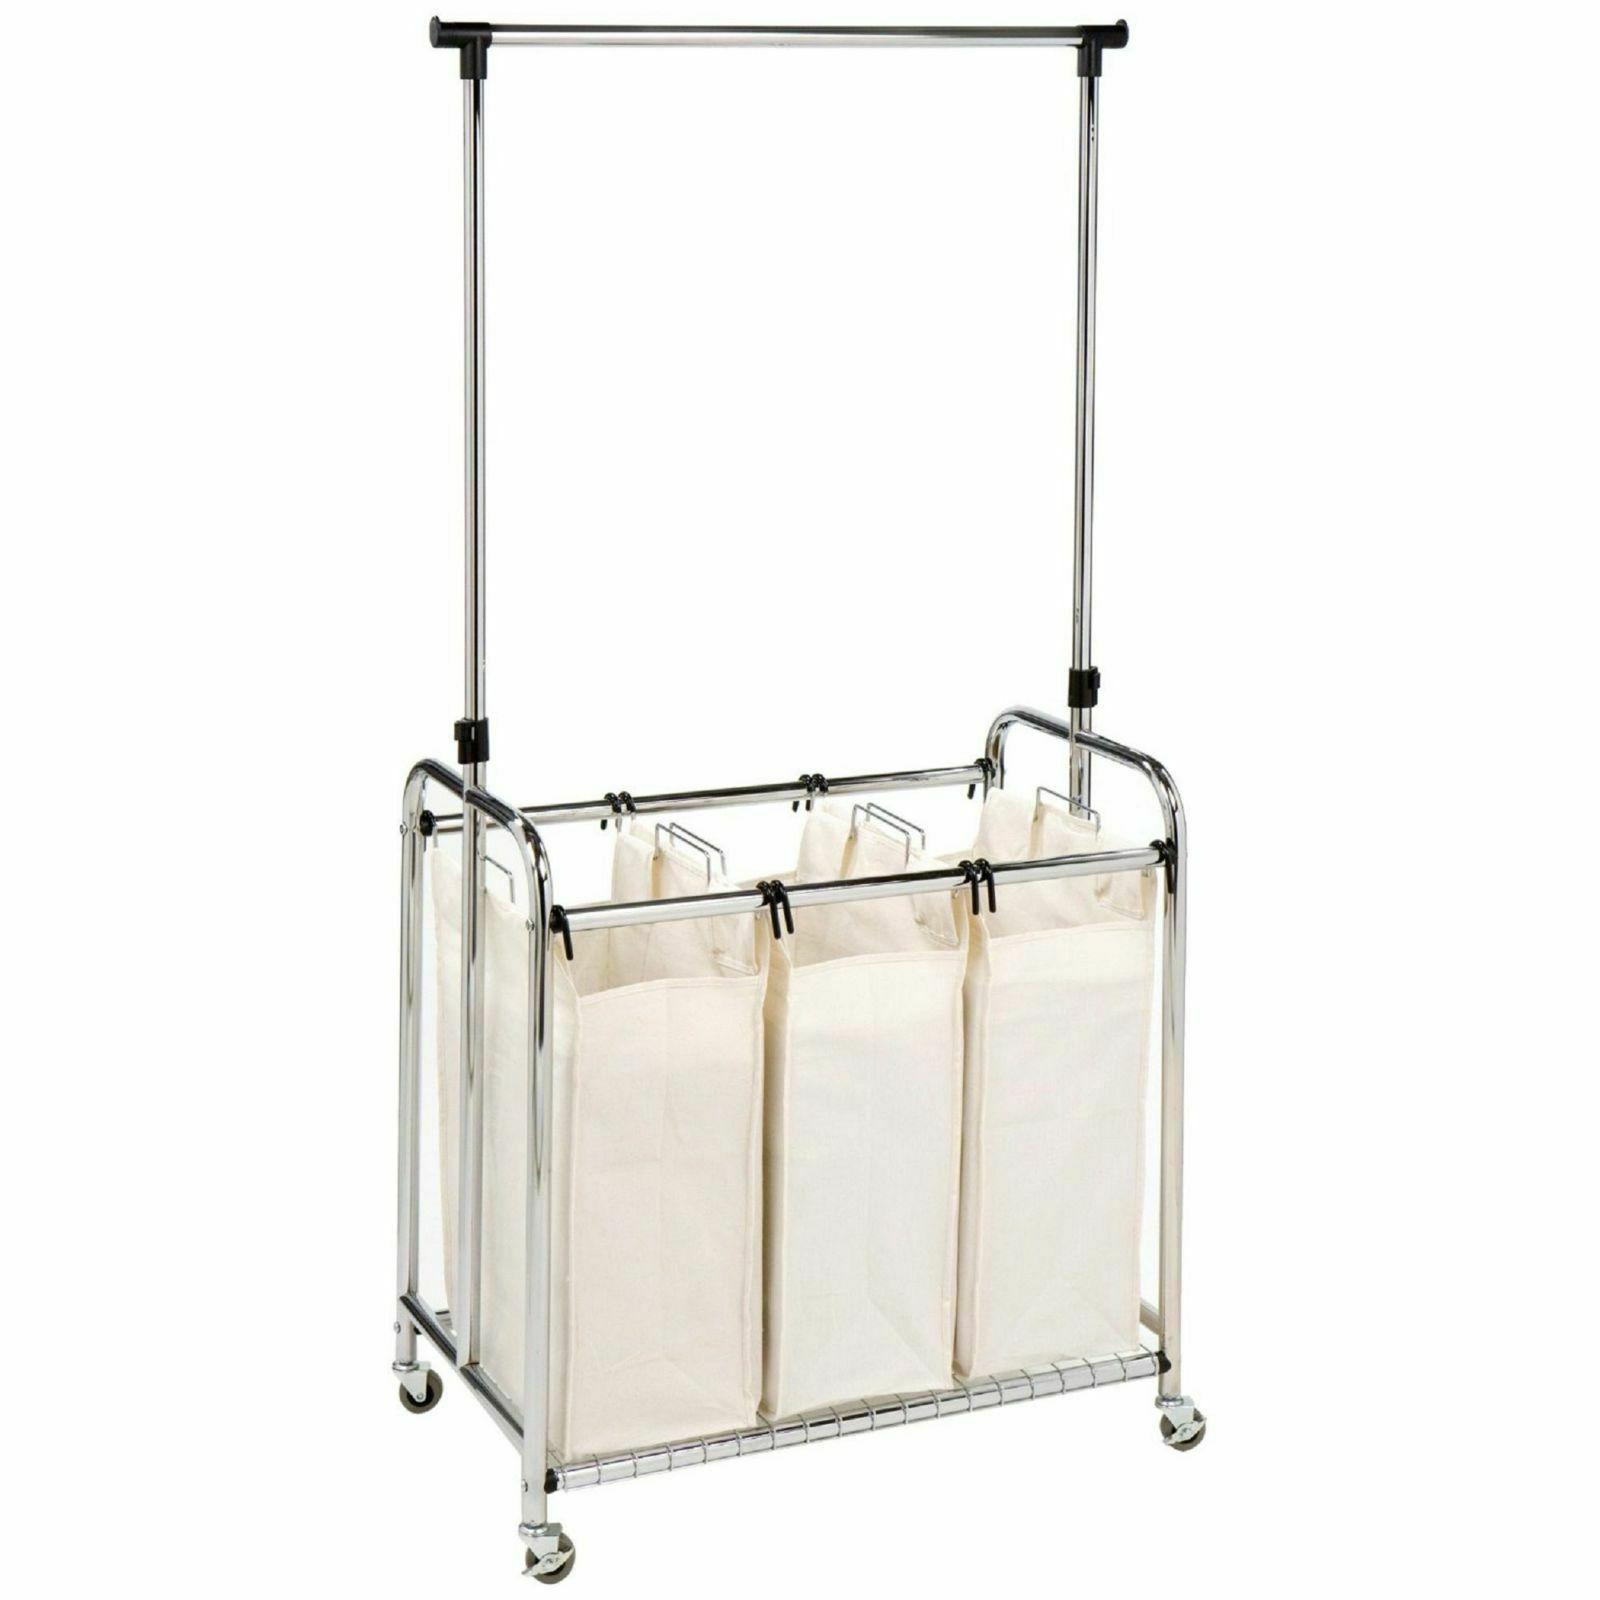 classics 3 bag laundry sorter hamper cart